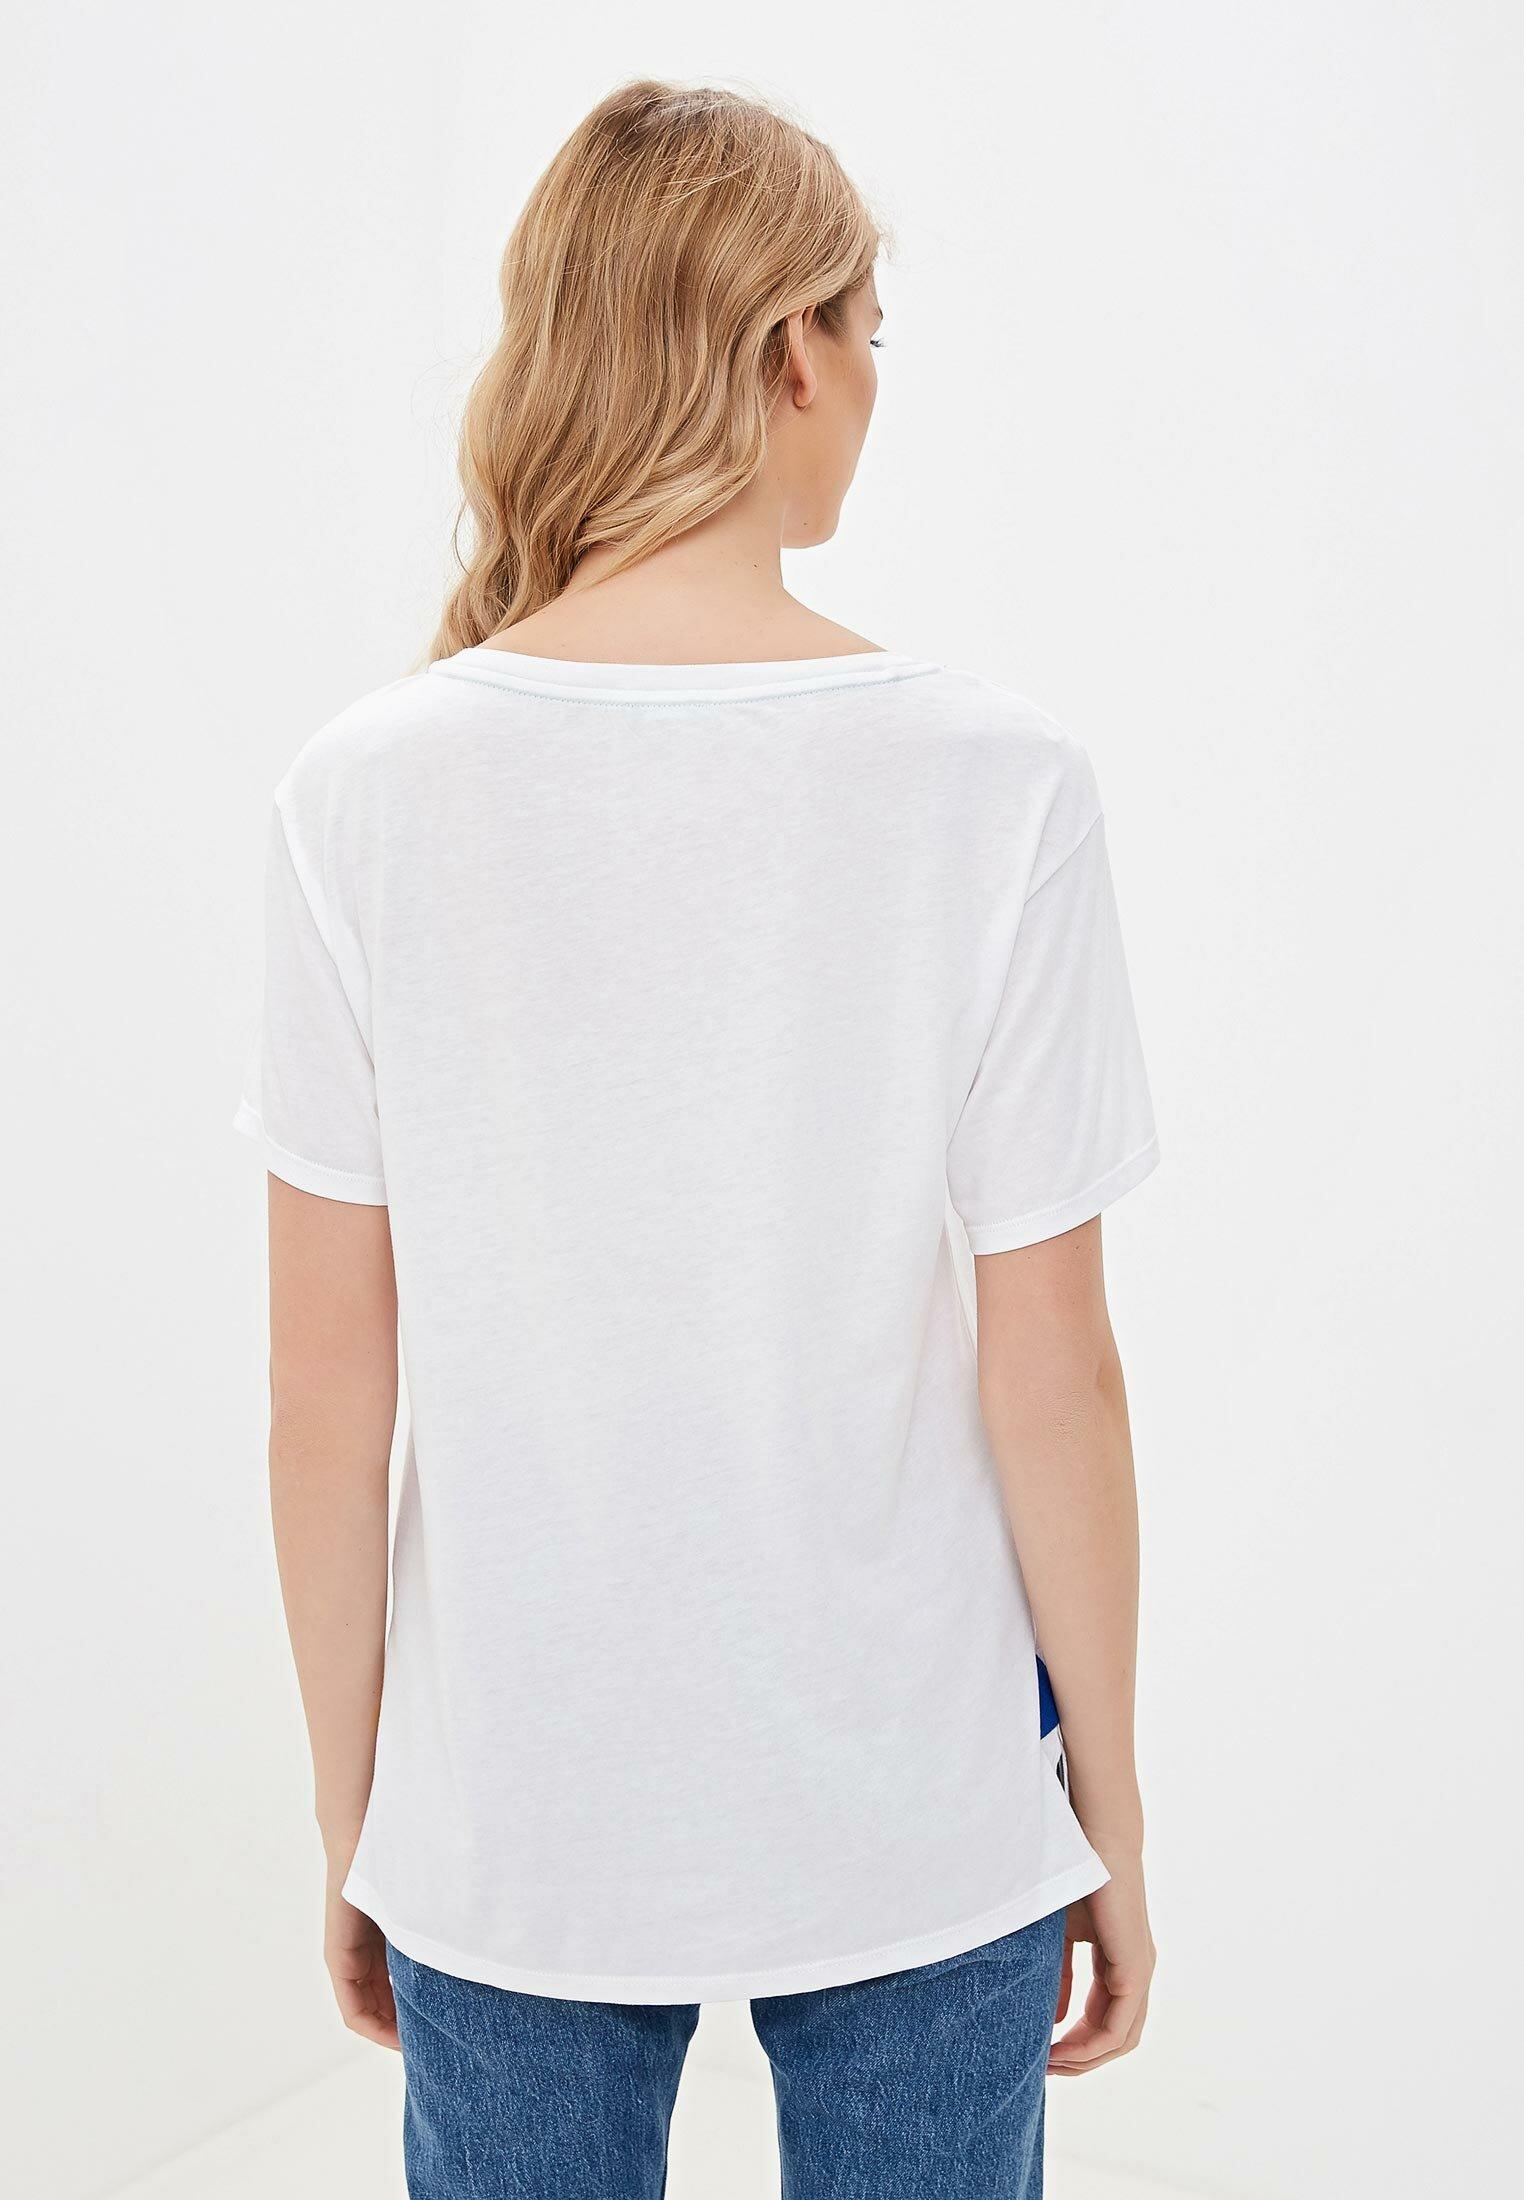 оценок футболки бенеттон женские фото общем-то поэтому выбрал